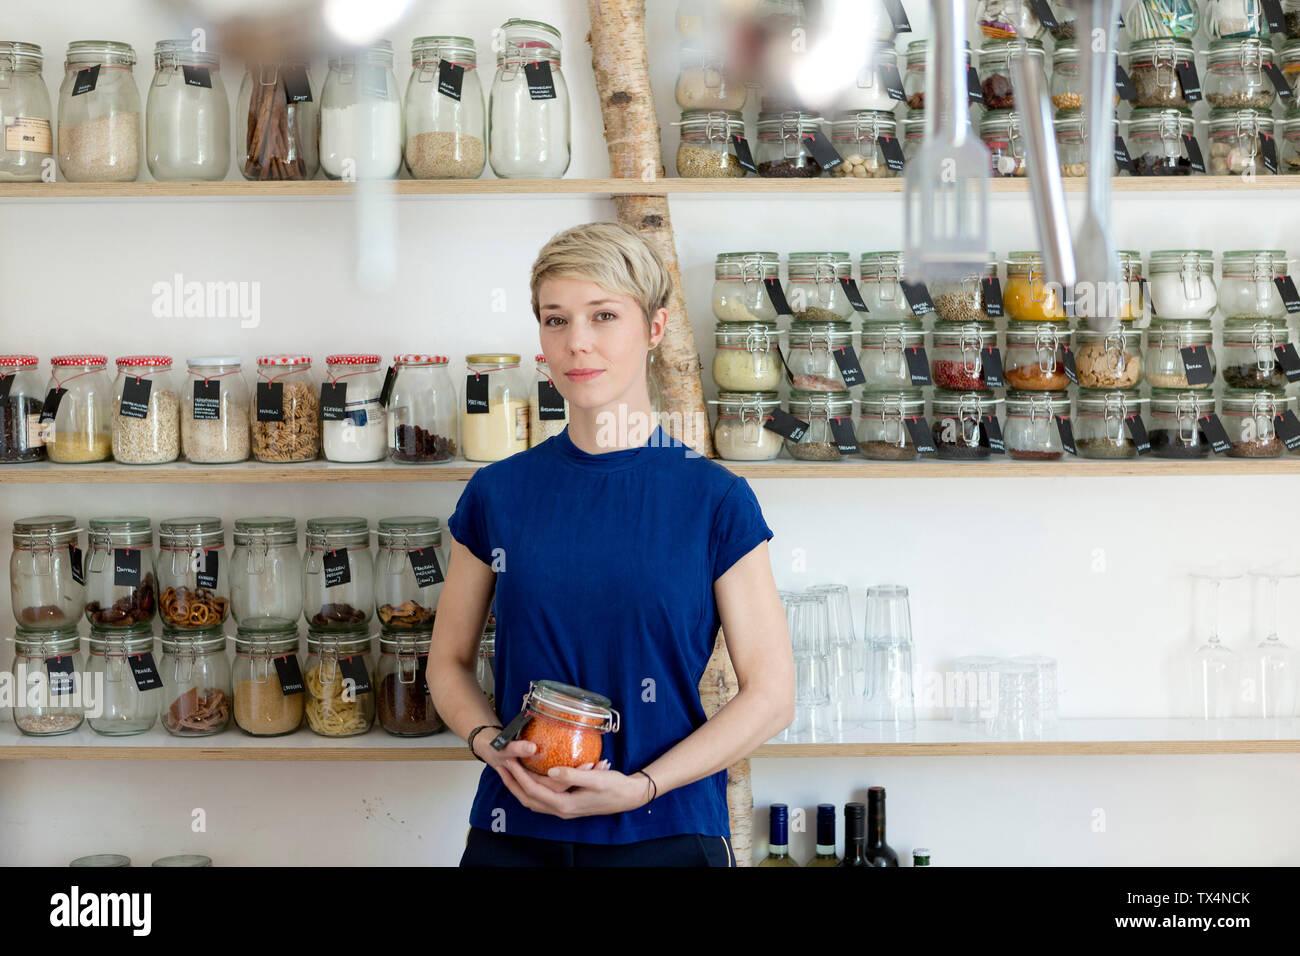 Ritratto di donna vaso di contenimento nella parte anteriore del ripiano di spezie in cucina Foto Stock